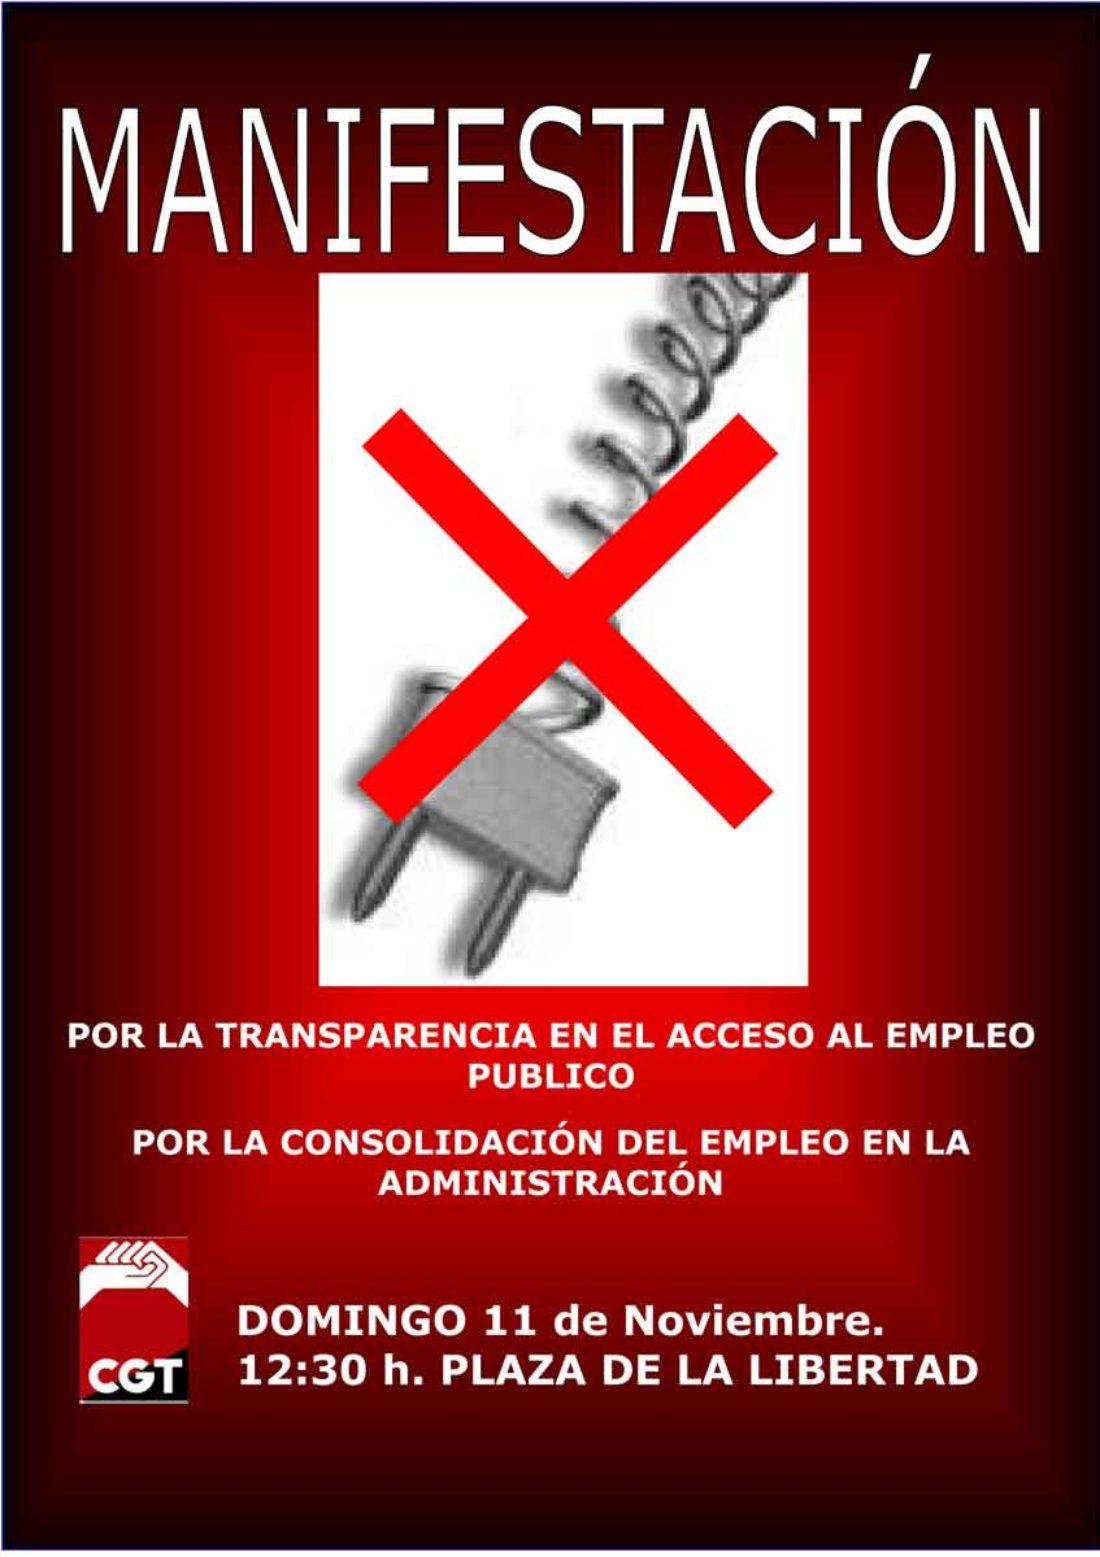 CGT convoca manifestación en Valladolid por el empleo público